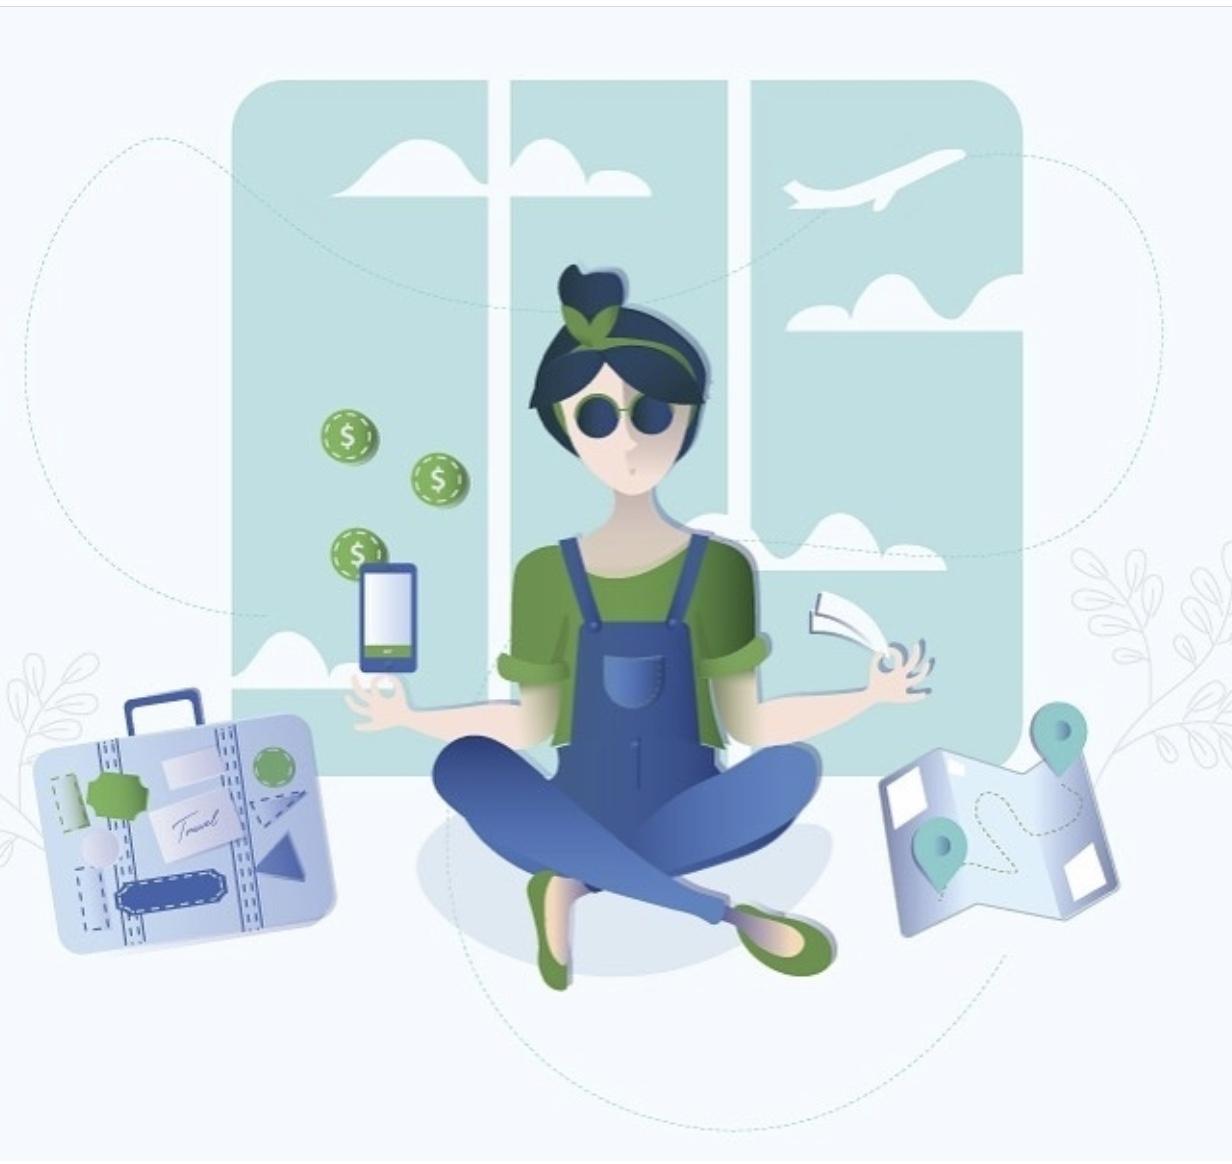 pressdebitcard-pressondemand